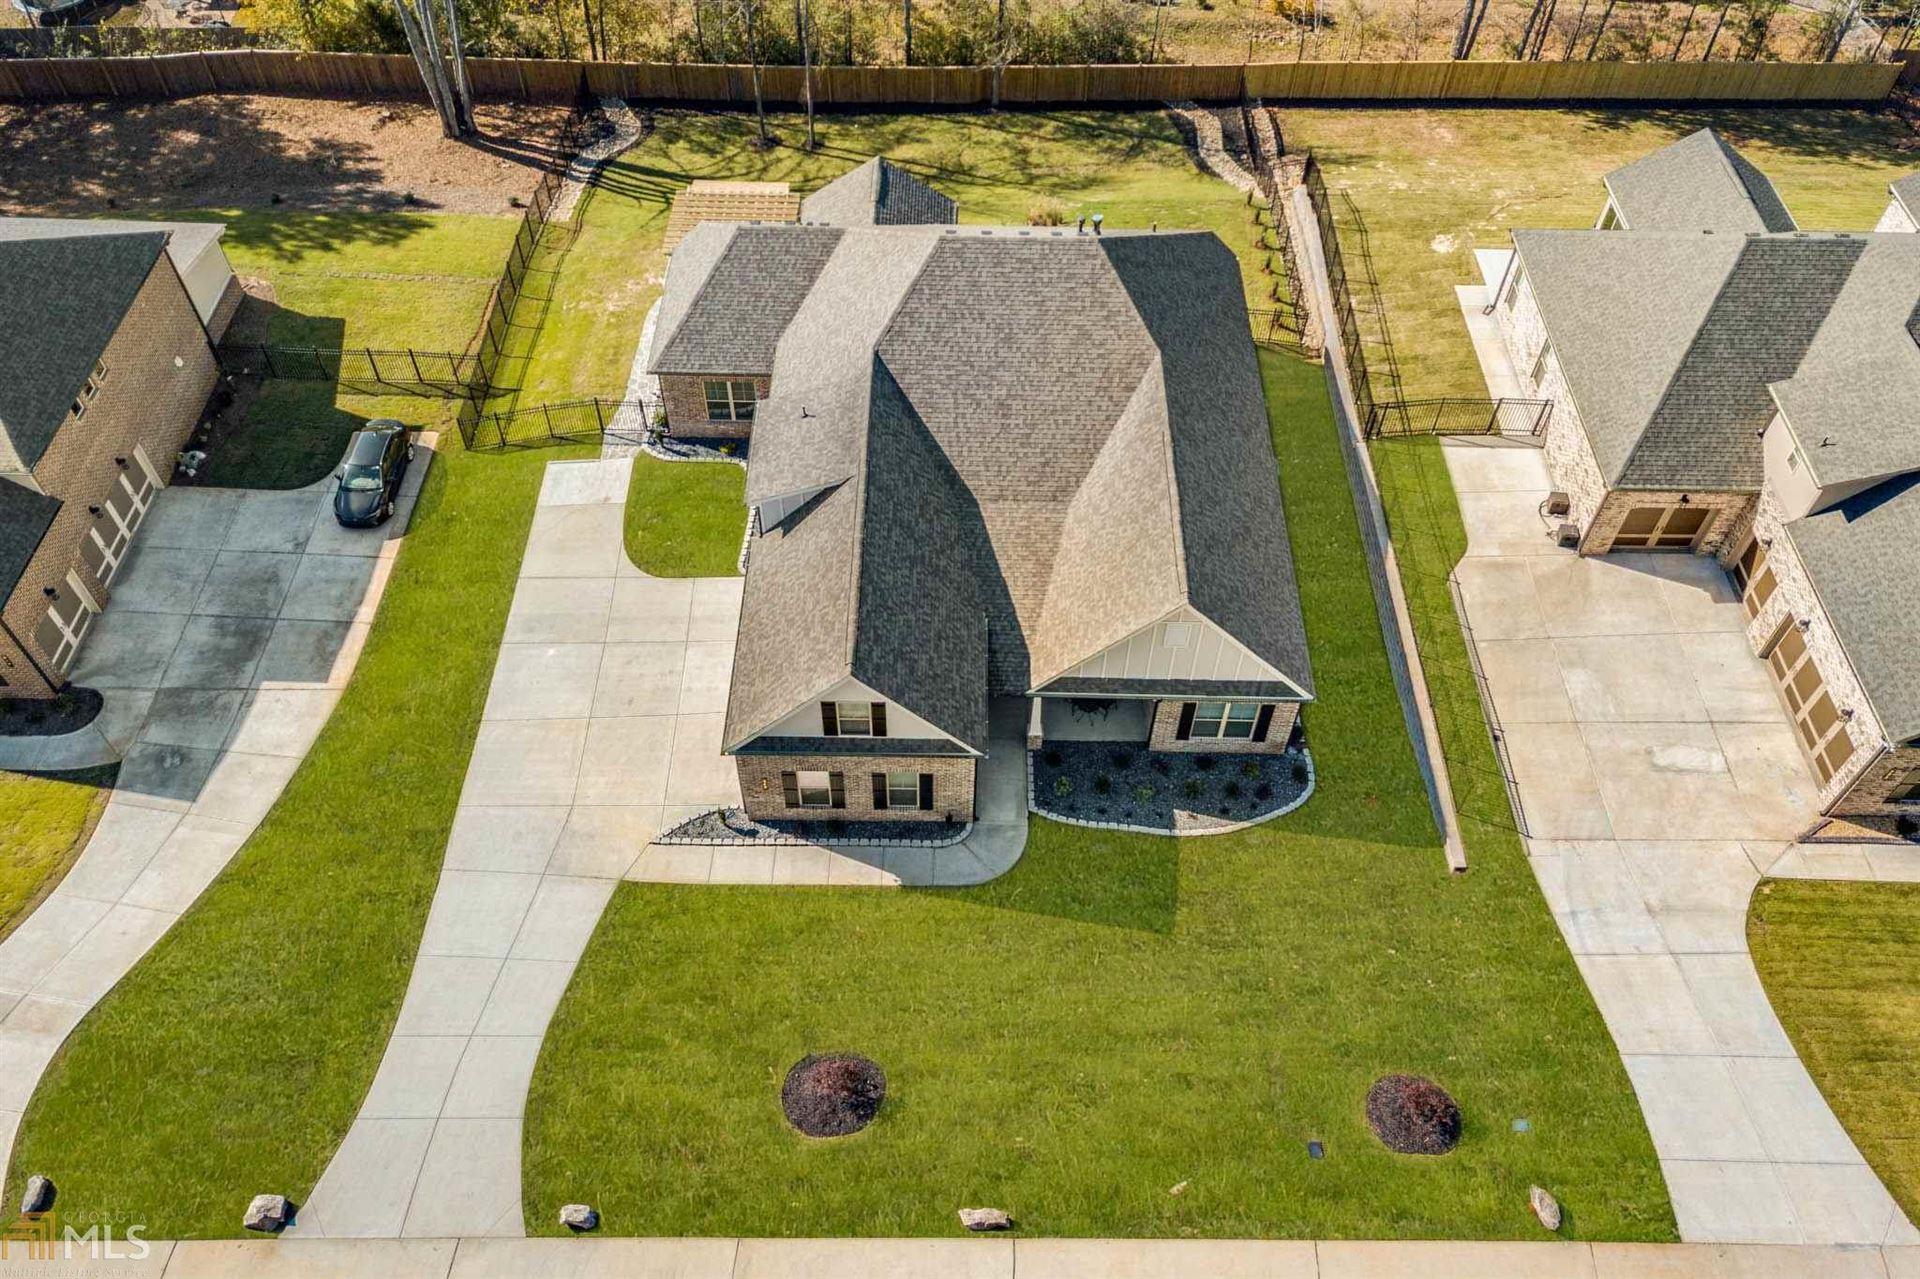 949 Auburn Rd, Dacula, GA 30019 - #: 8905063